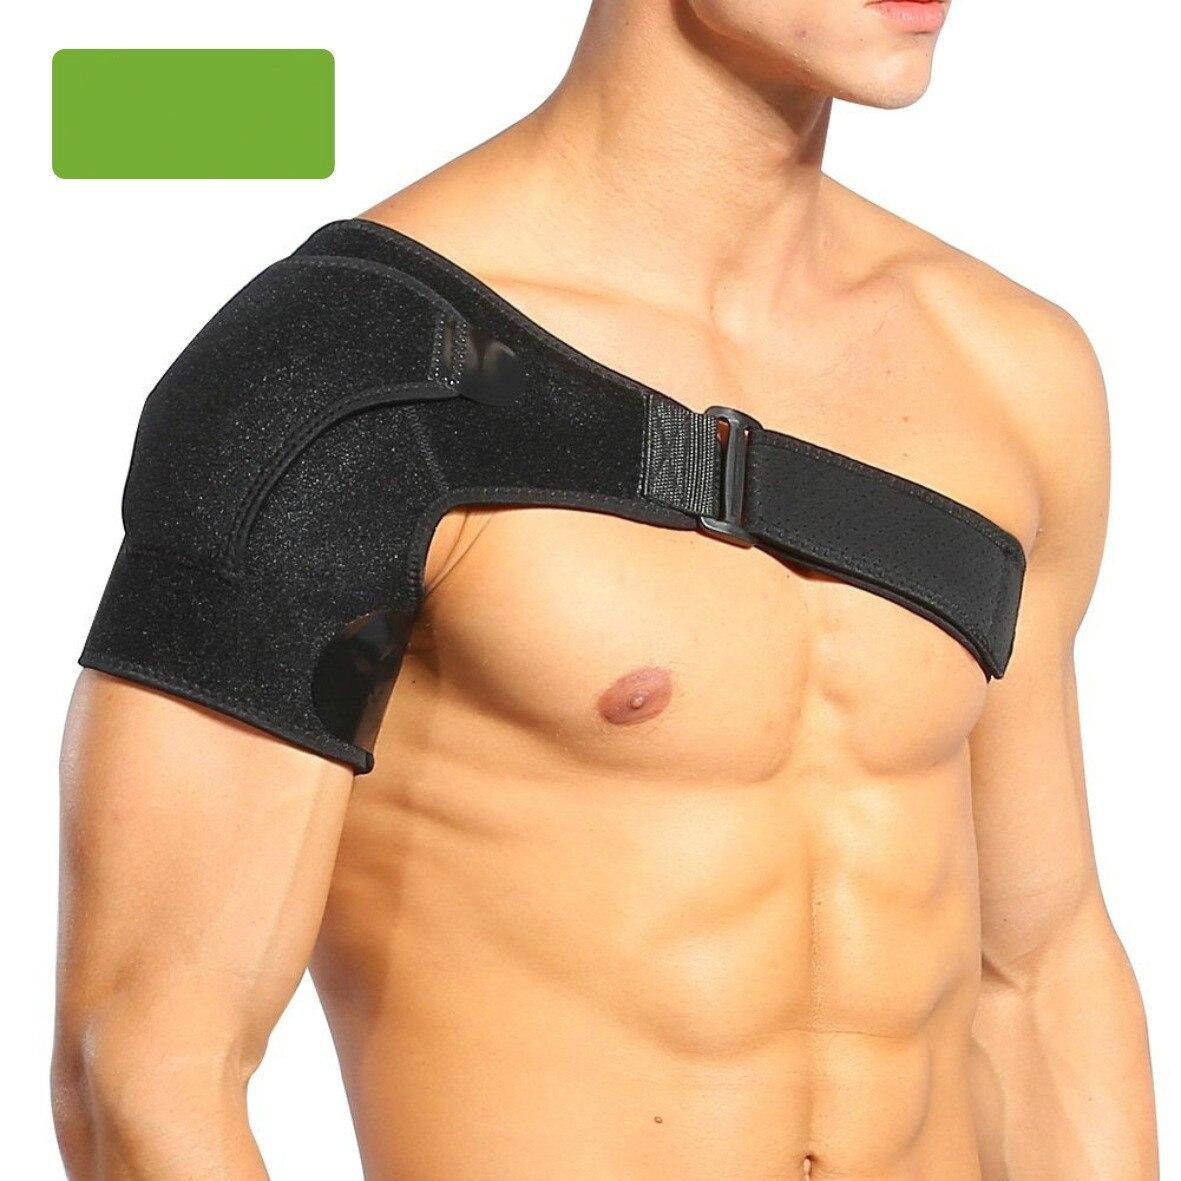 adjustable shoulder protector support   sports brace  strap anti pain adjustable shoulder protector support   sports brace  strap anti pain